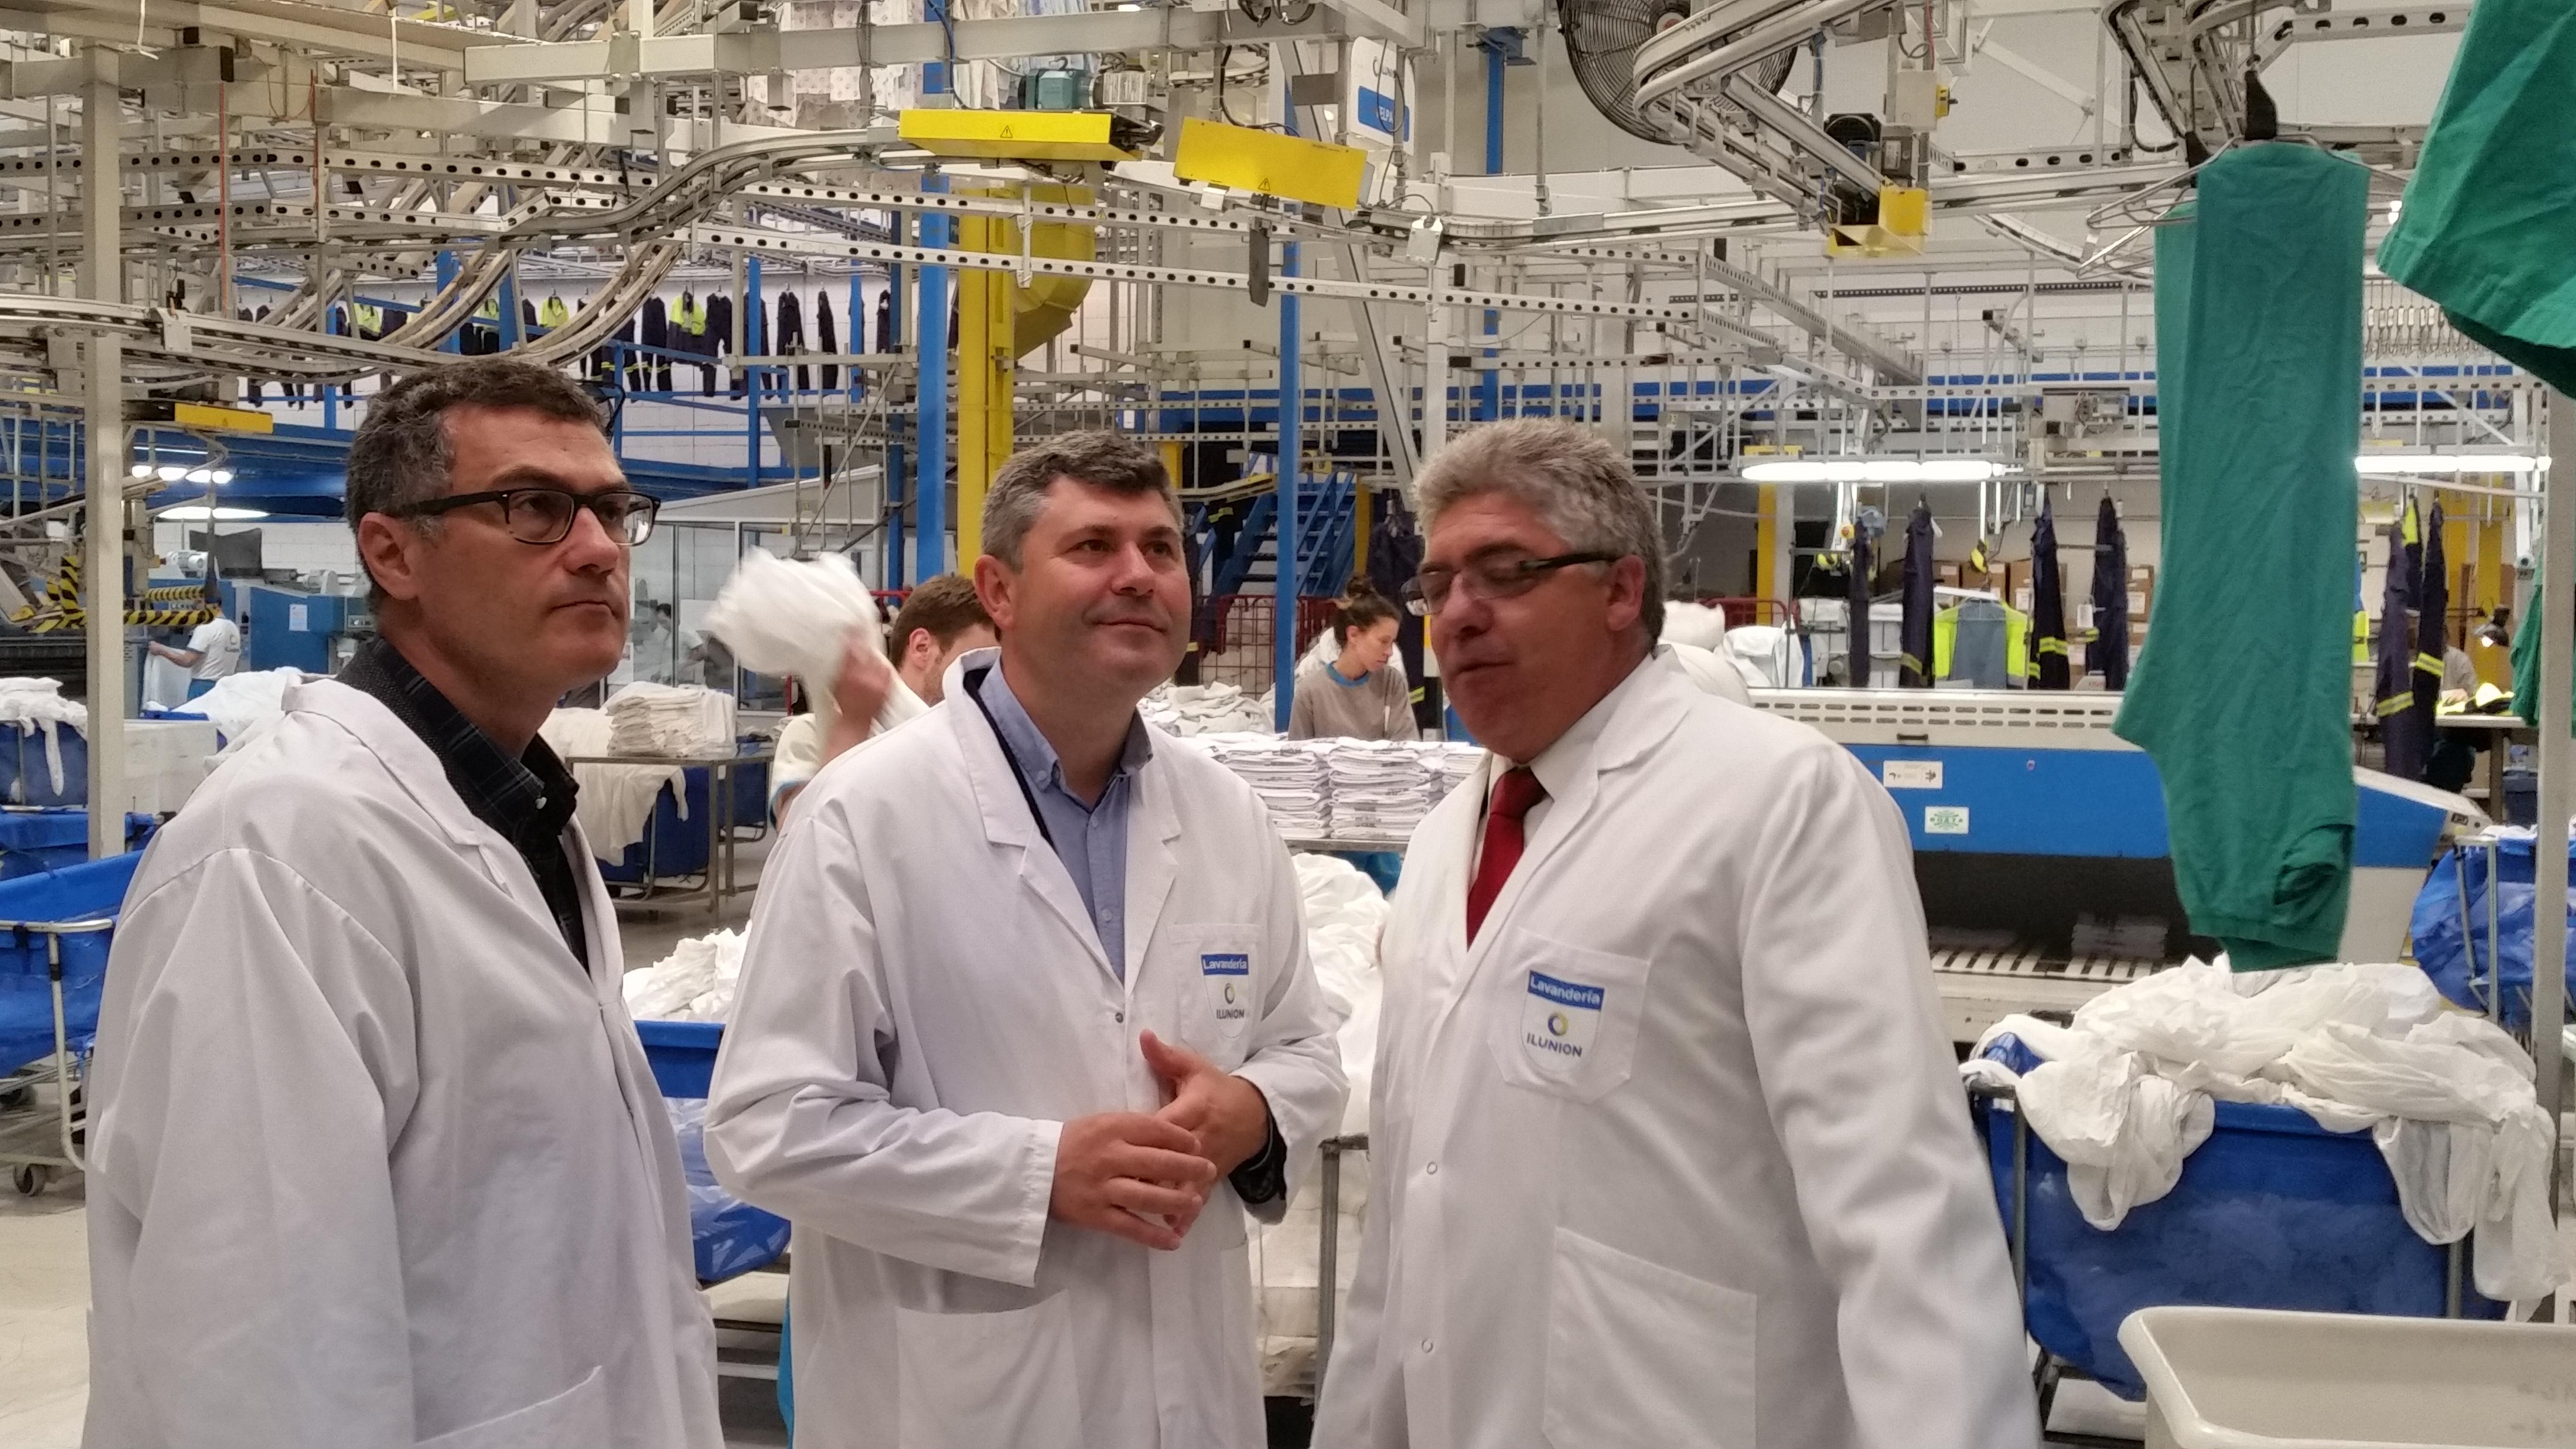 Un momento de la visita del delegado de la Xunta de Galicia a nuestra lavandería de Santiago de Compostela